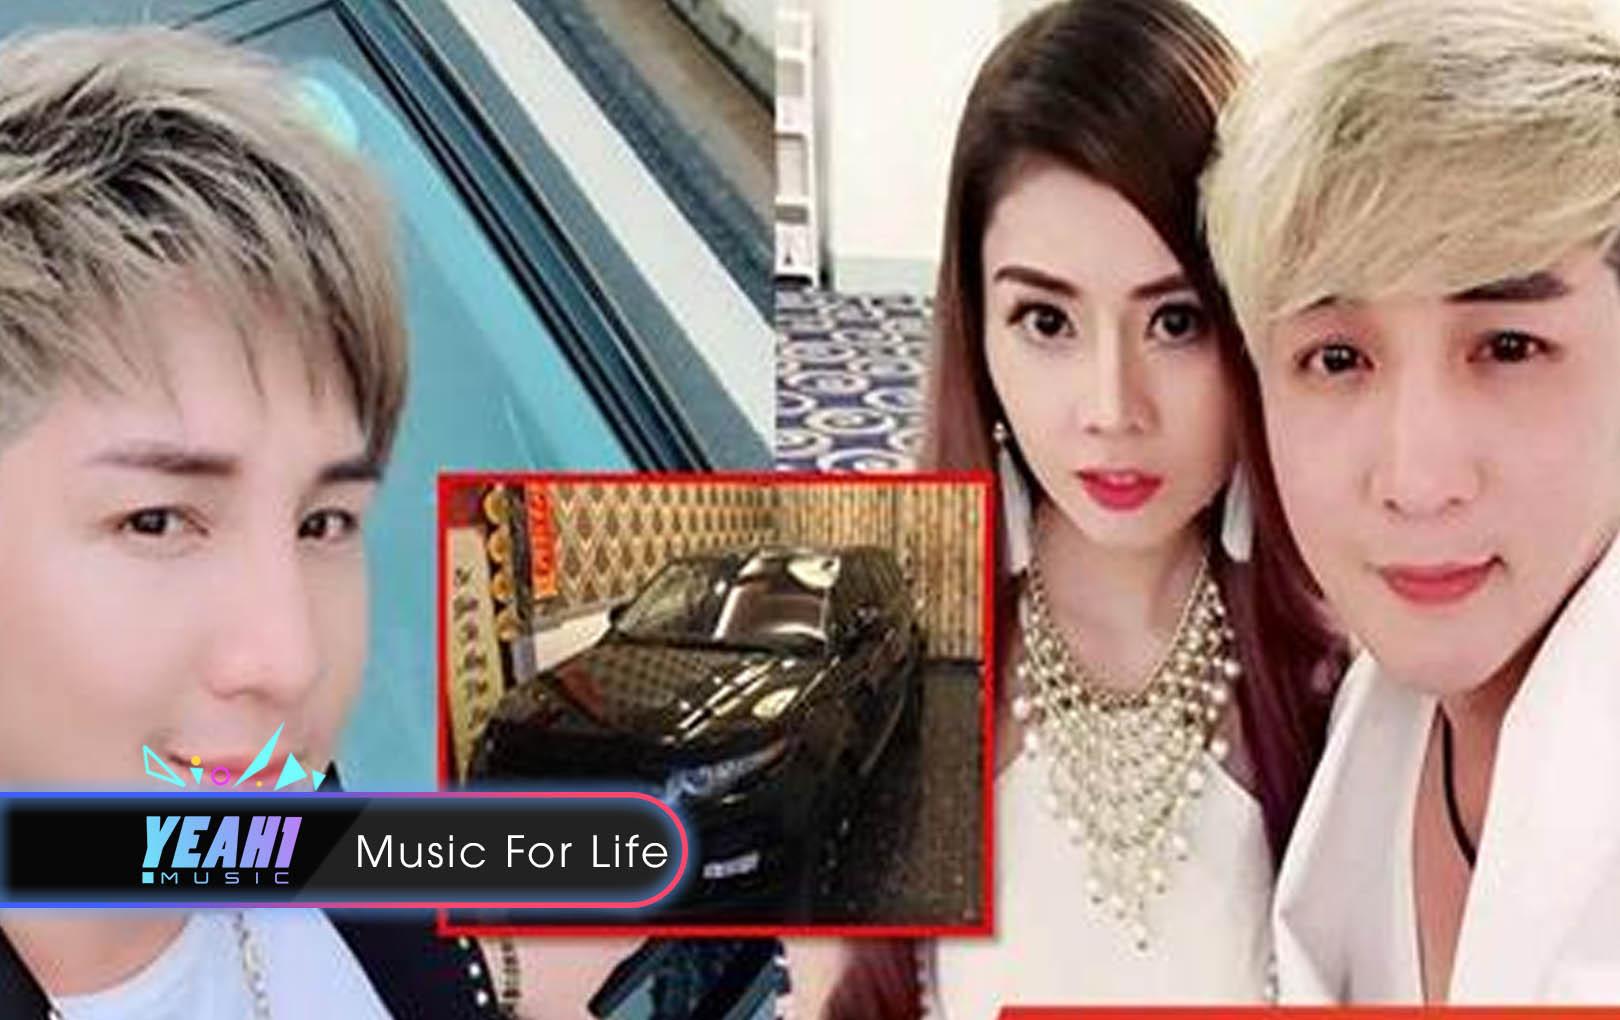 Mải miết chạy show hội chợ, Lâm Chấn Khang vẫn dư sức mua xế hộp tiền tỷ tặng bạn gái hot girl